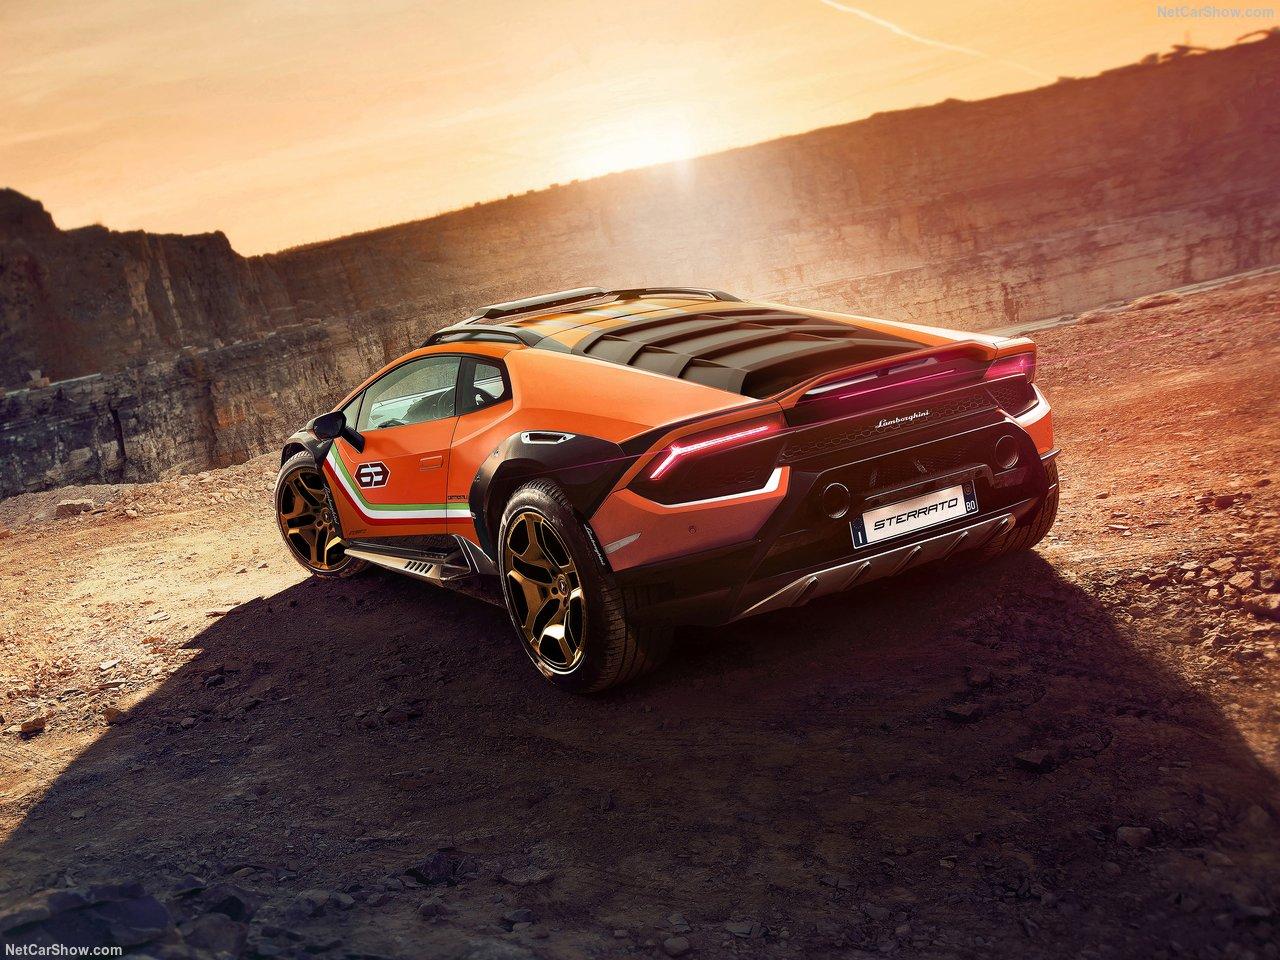 Lamborghini-Huracan_Sterrato_Concept-2019-1280-06